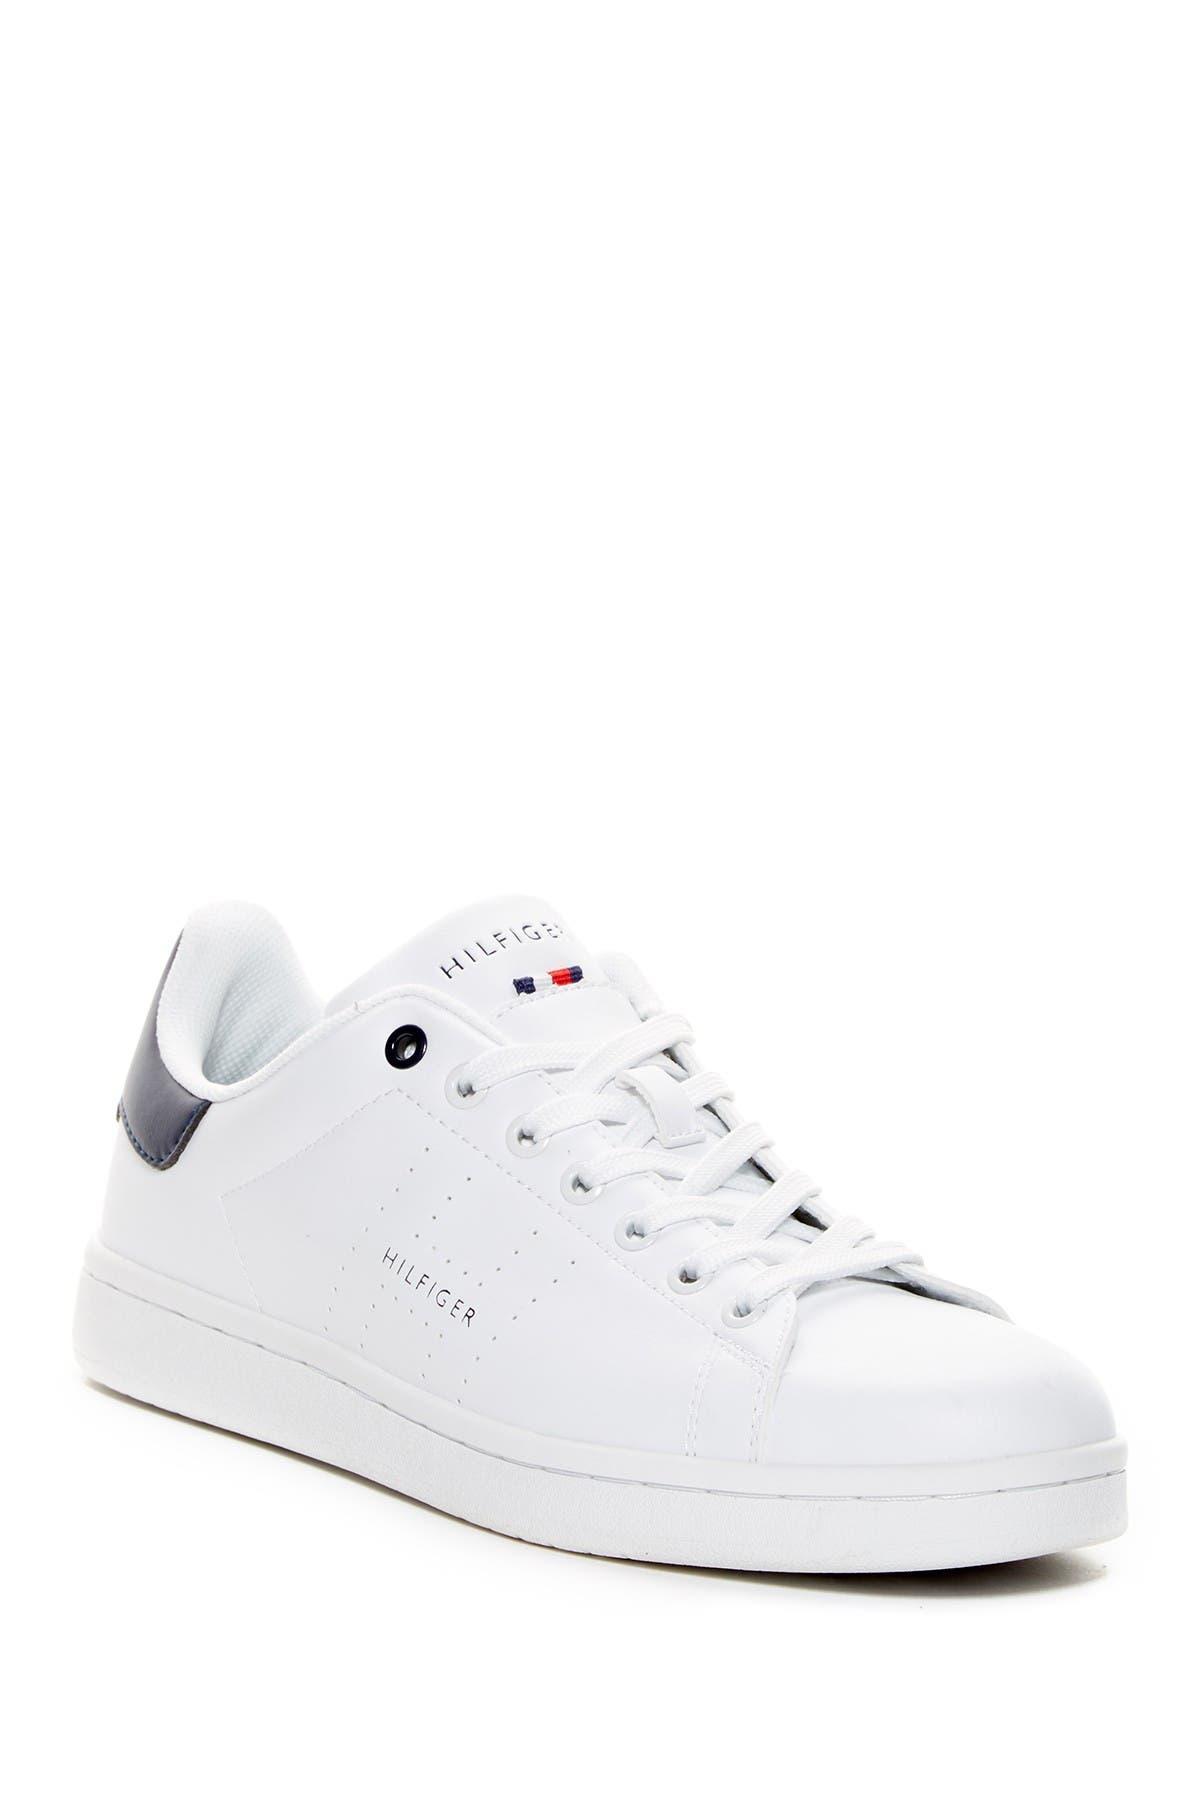 Tommy Hilfiger | Liston Sneaker